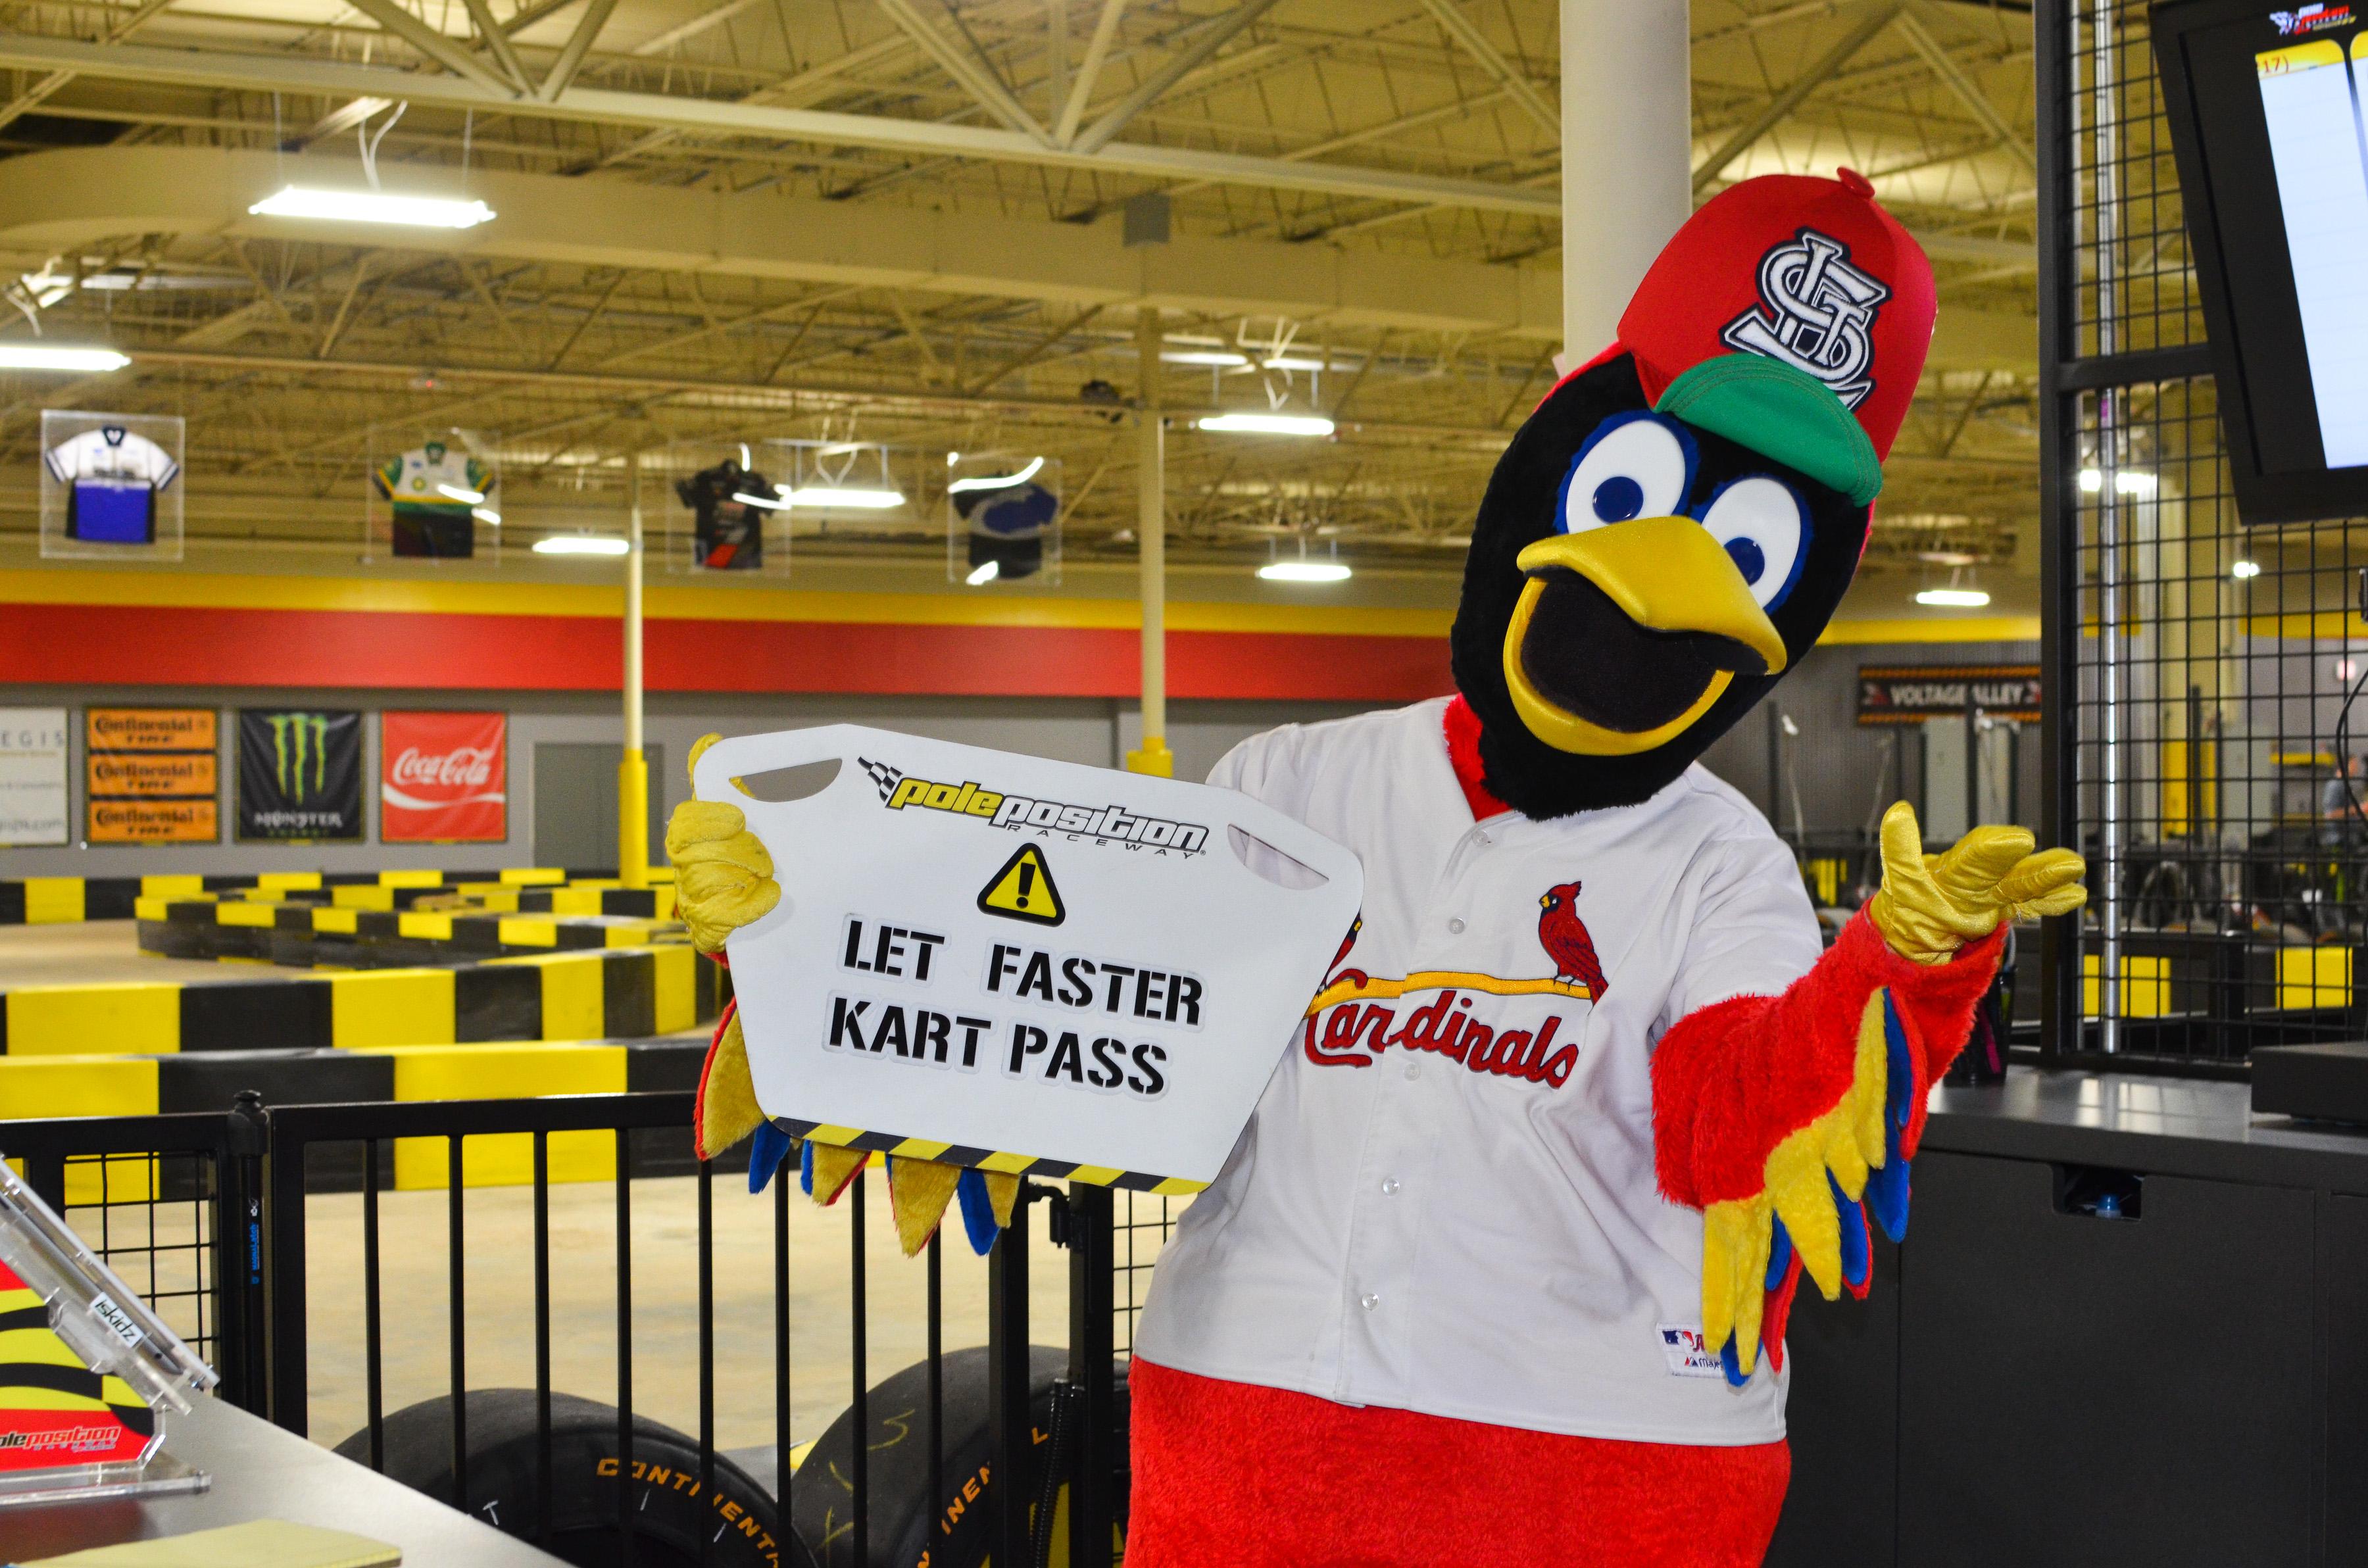 Pole Position Raceway St. Louis image 1